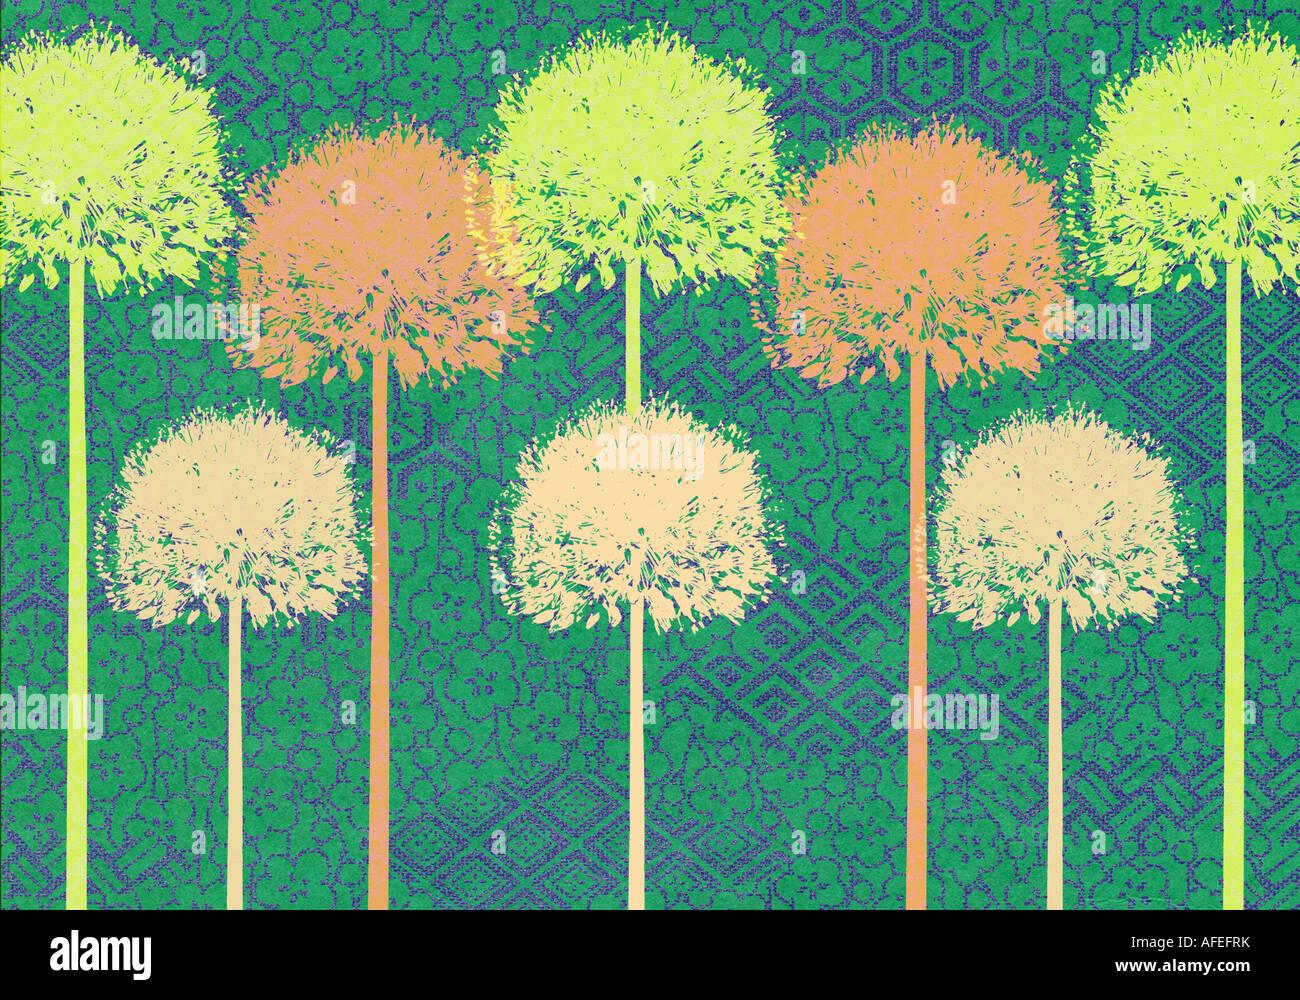 Treten Sie ein und wiederholen Sie die Abbildung der Alliums Stockbild